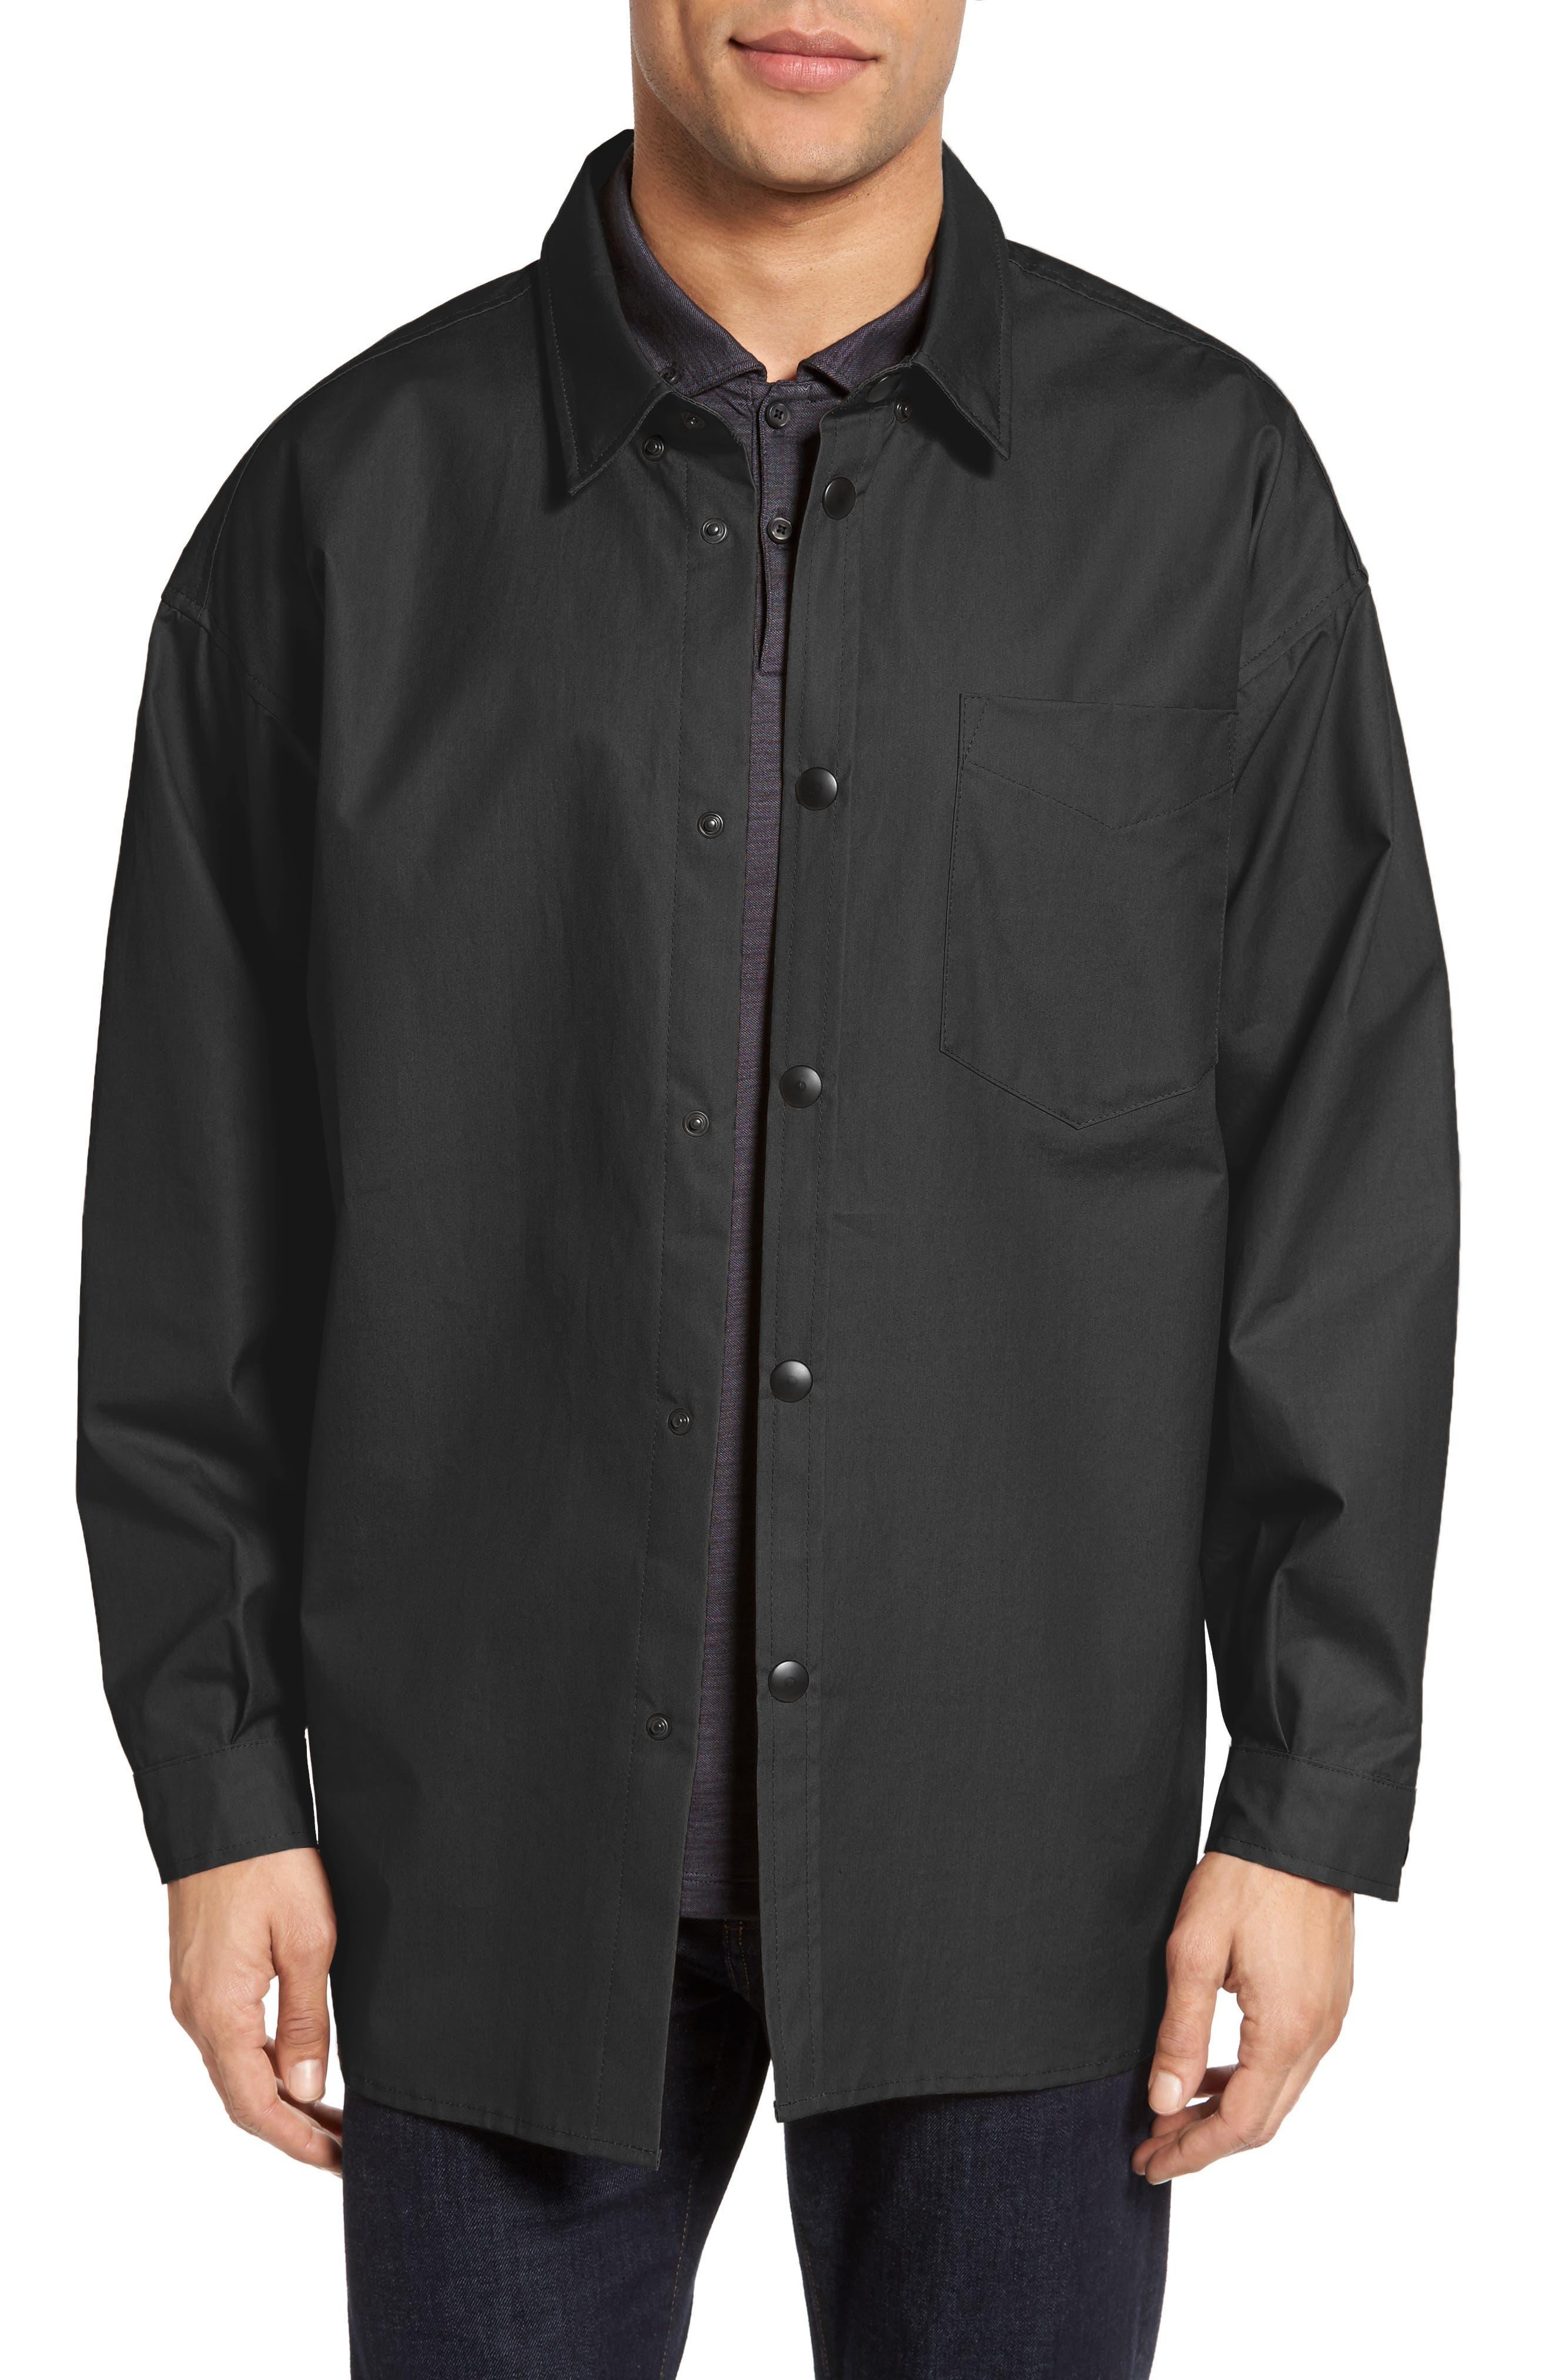 Stutterheim Lerum Relaxed Fit Shirt Jacket